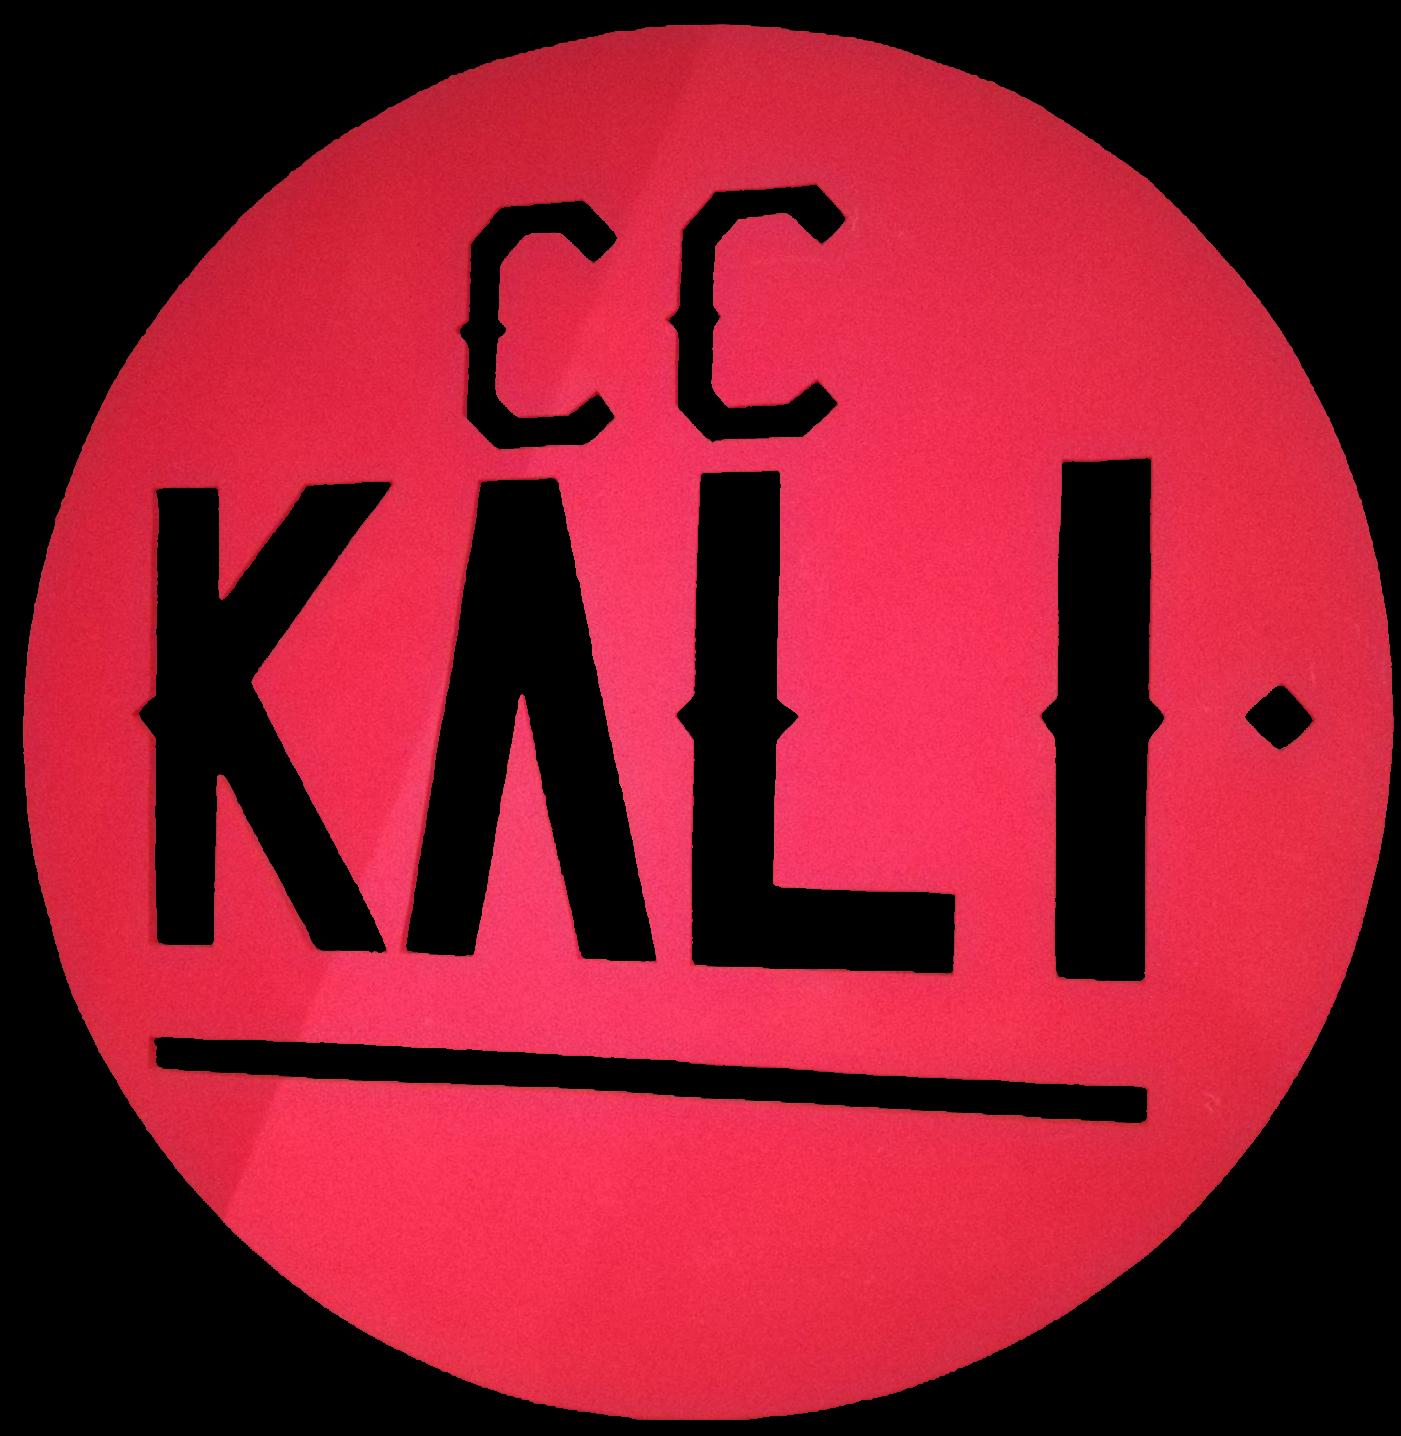 CC KALI